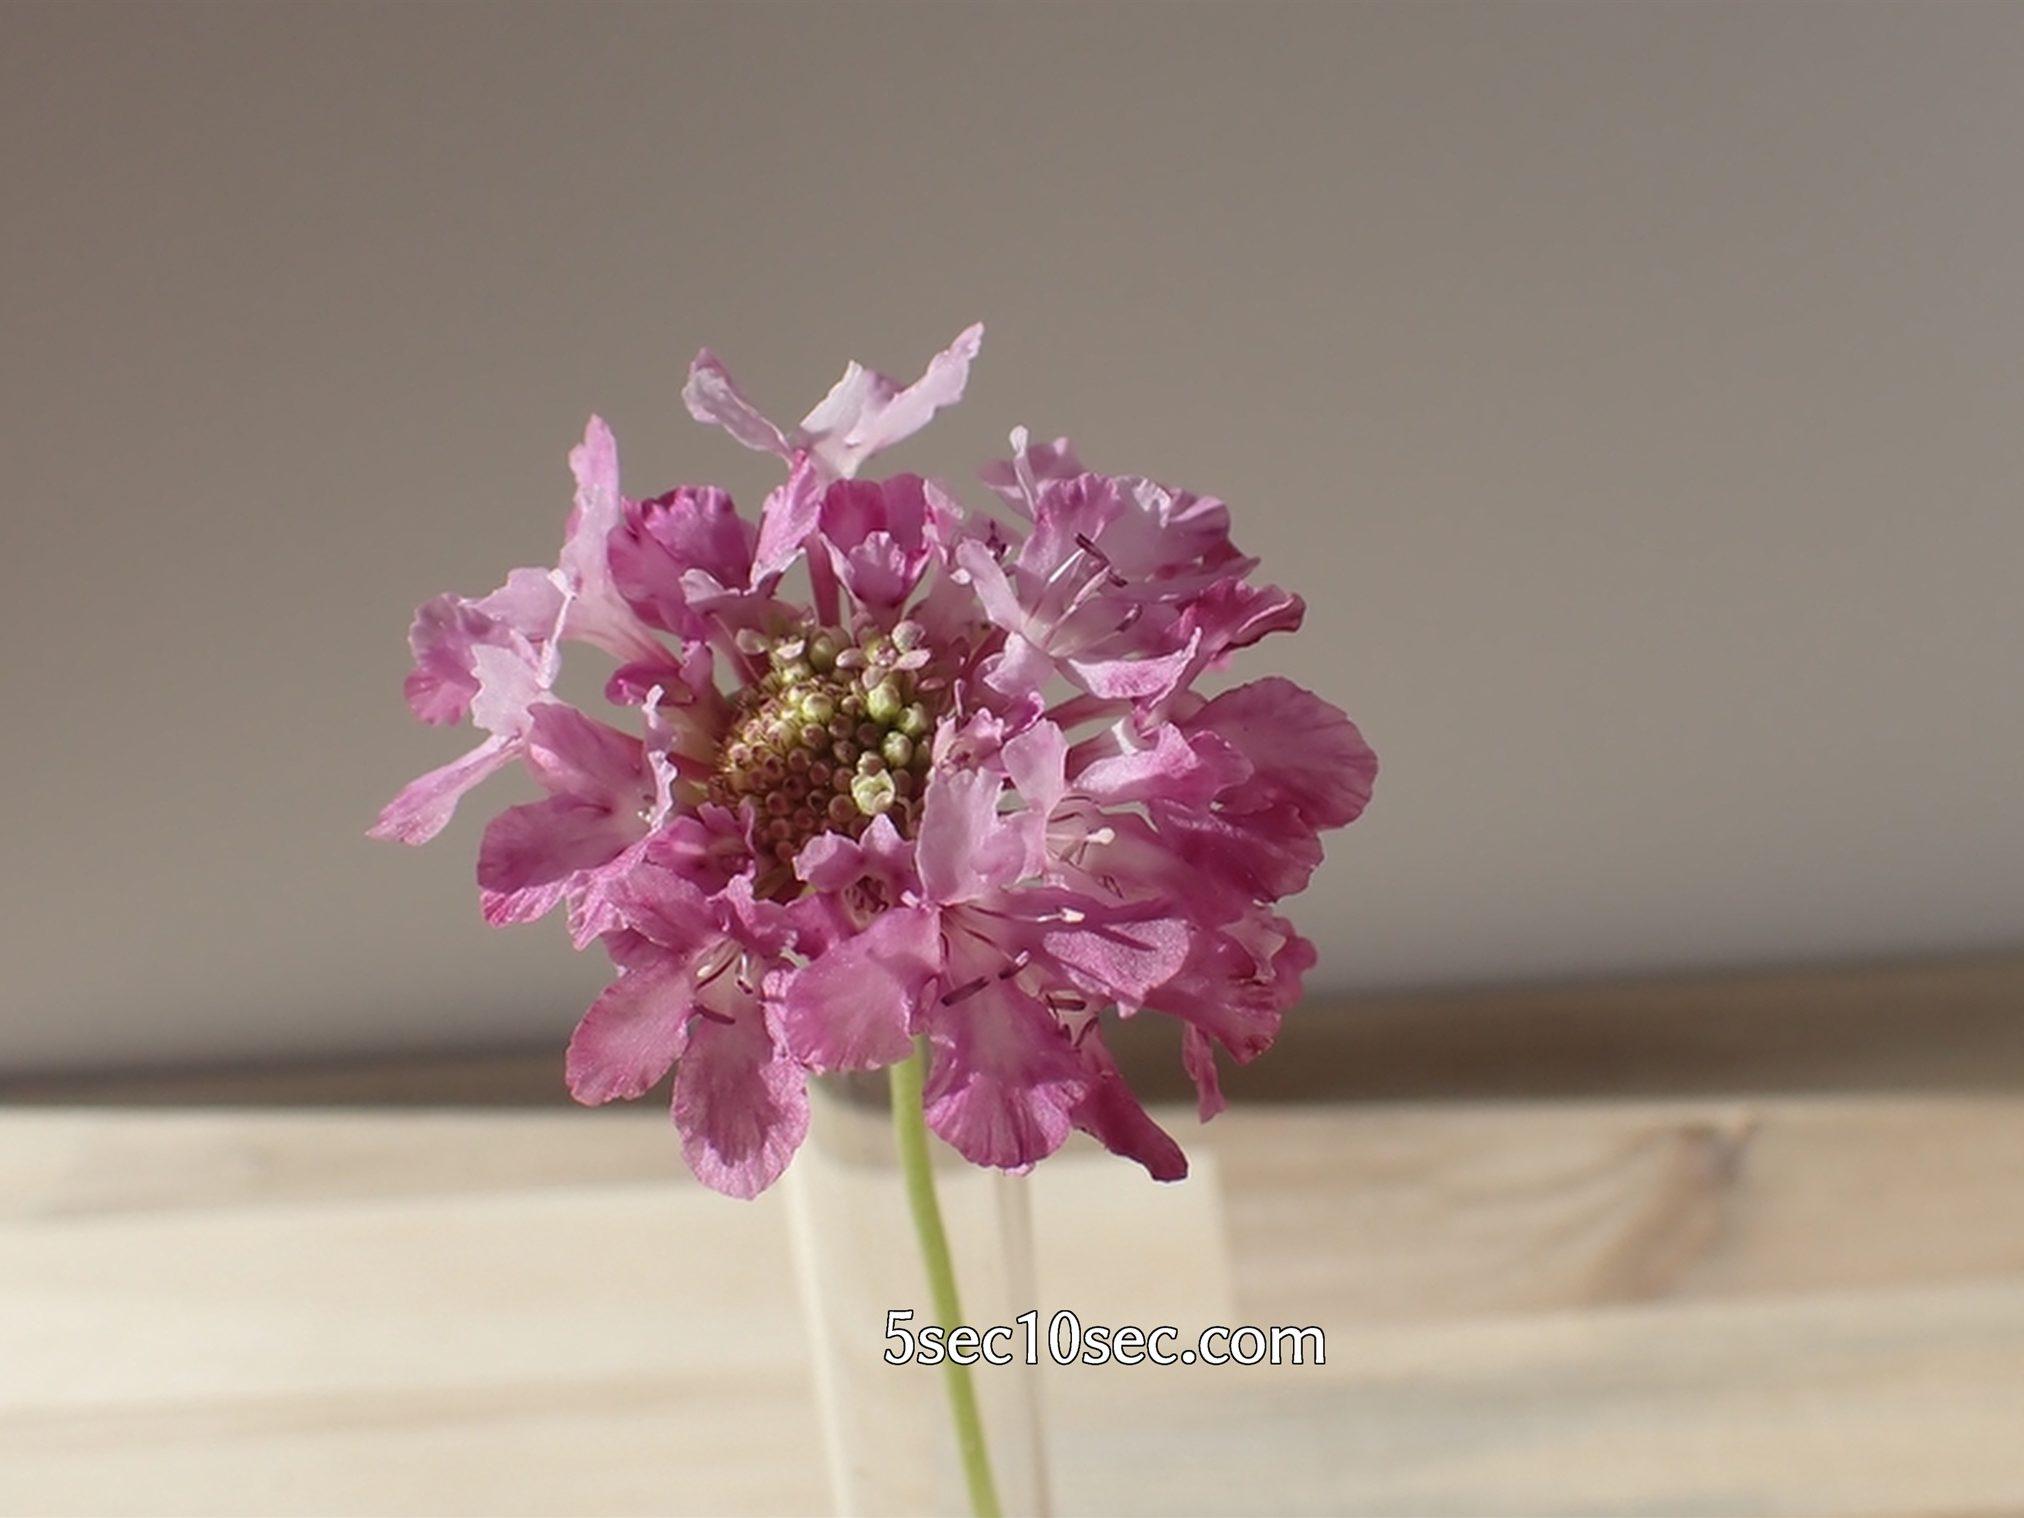 株式会社Crunch Style お花の定期便 Bloomee LIFE ブルーミーライフ 切り花のスカビオサ、マツムシソウのつぼみが咲いてきた、2020年12月16日撮影